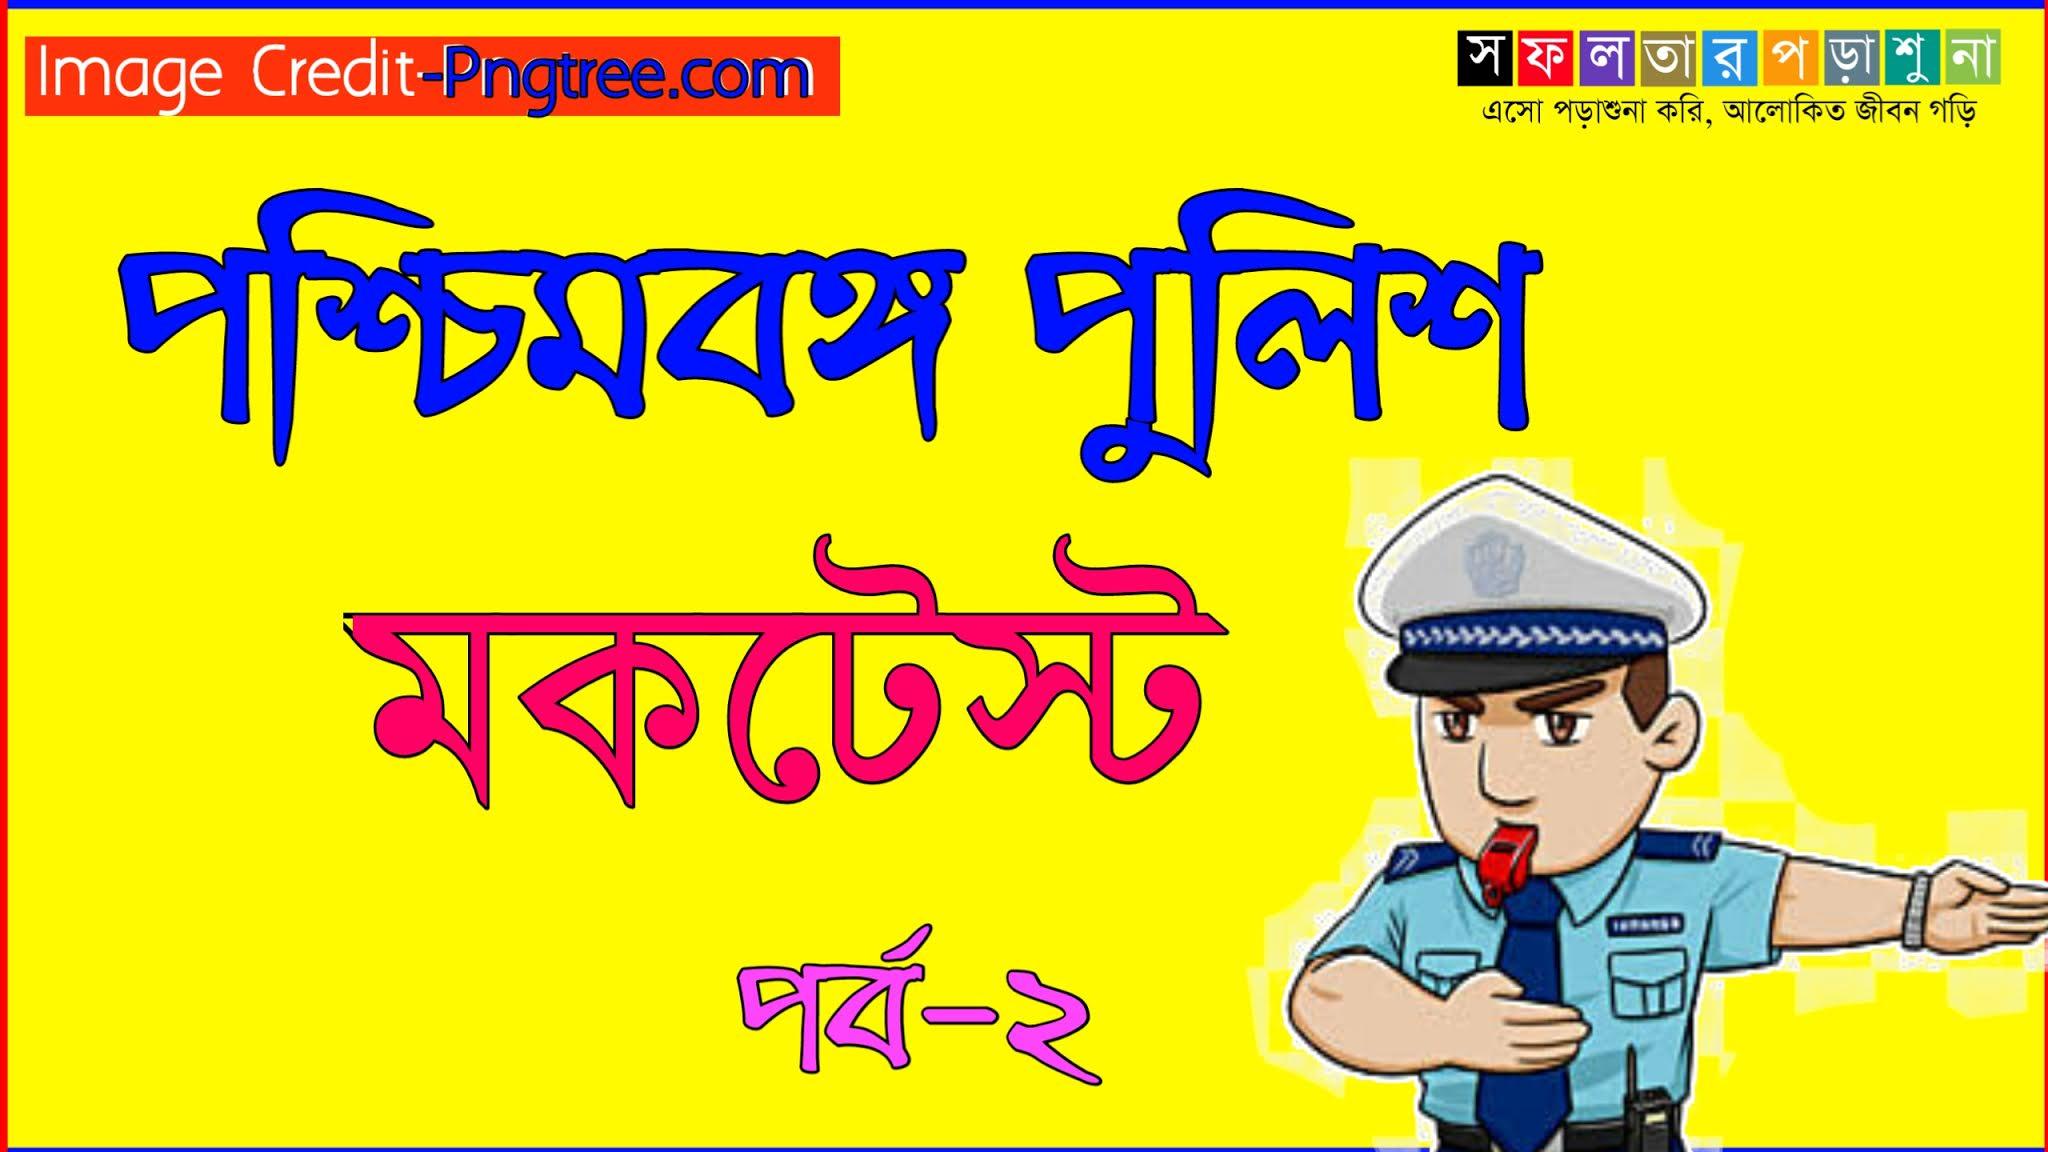 পশ্চিমবঙ্গ পুলিশ কনস্টেবল - জেল পুলিস  ও SI মকটেস্ট - Online WBP Constable WB SI and WB Jail Police Mocktest In Bengali